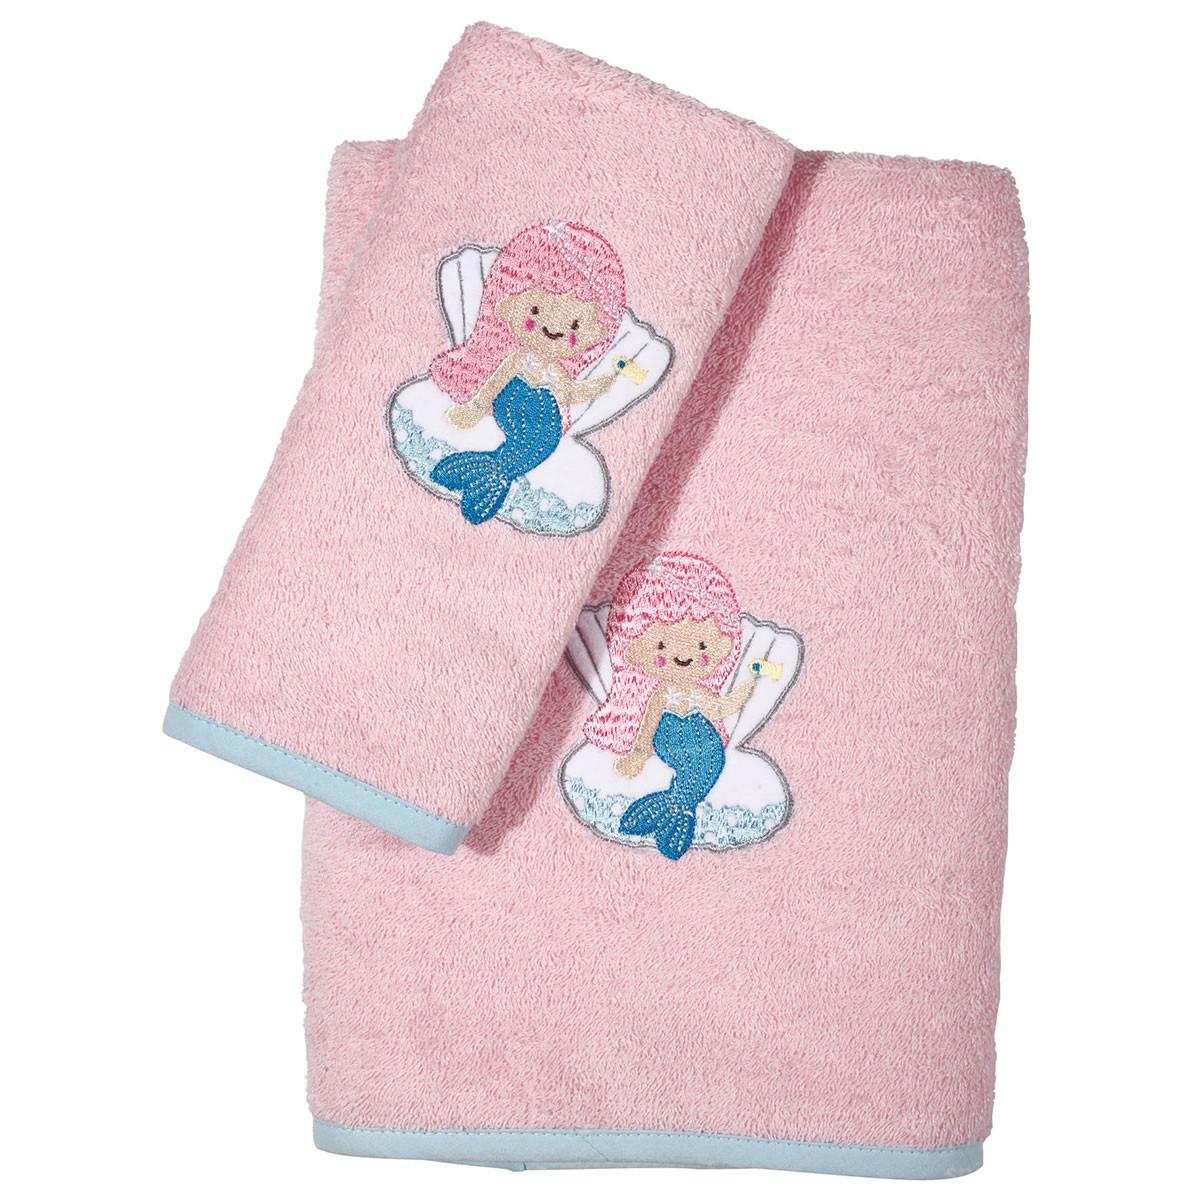 Βρεφικές Πετσέτες (Σετ 2τμχ) Das Home Smile 6502